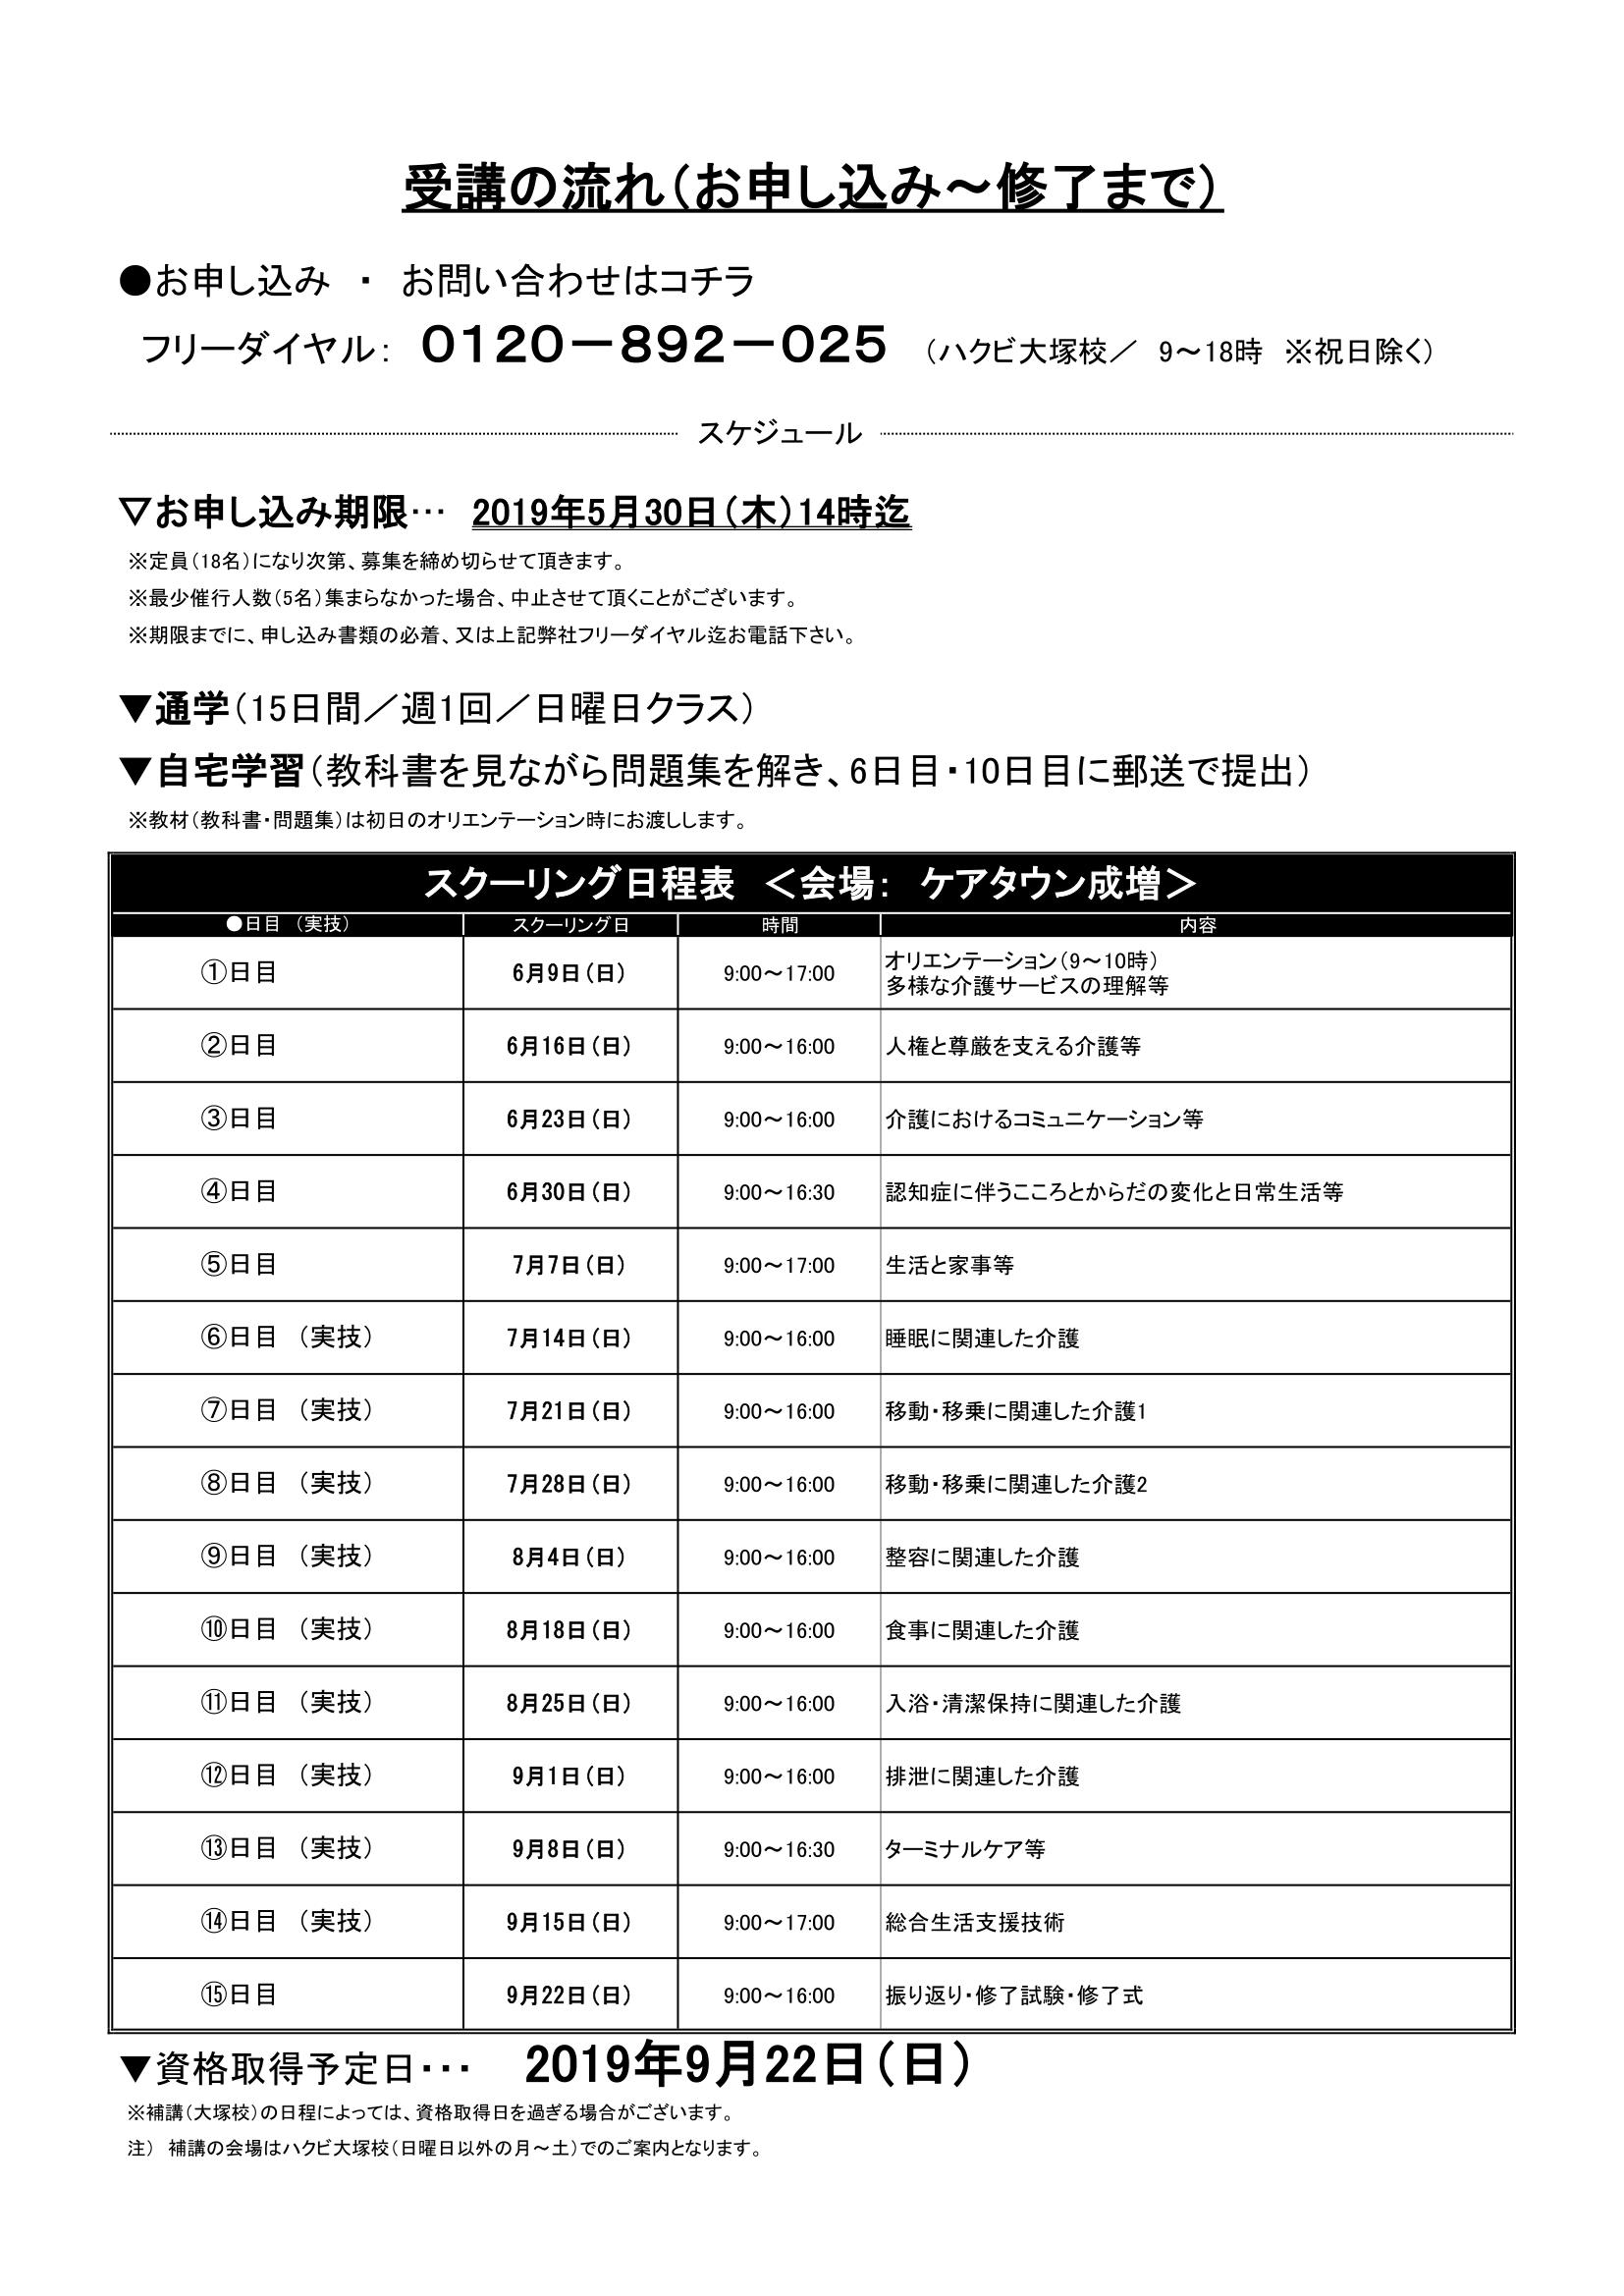 初任者チラシ190220 ケアタウン成増様-2